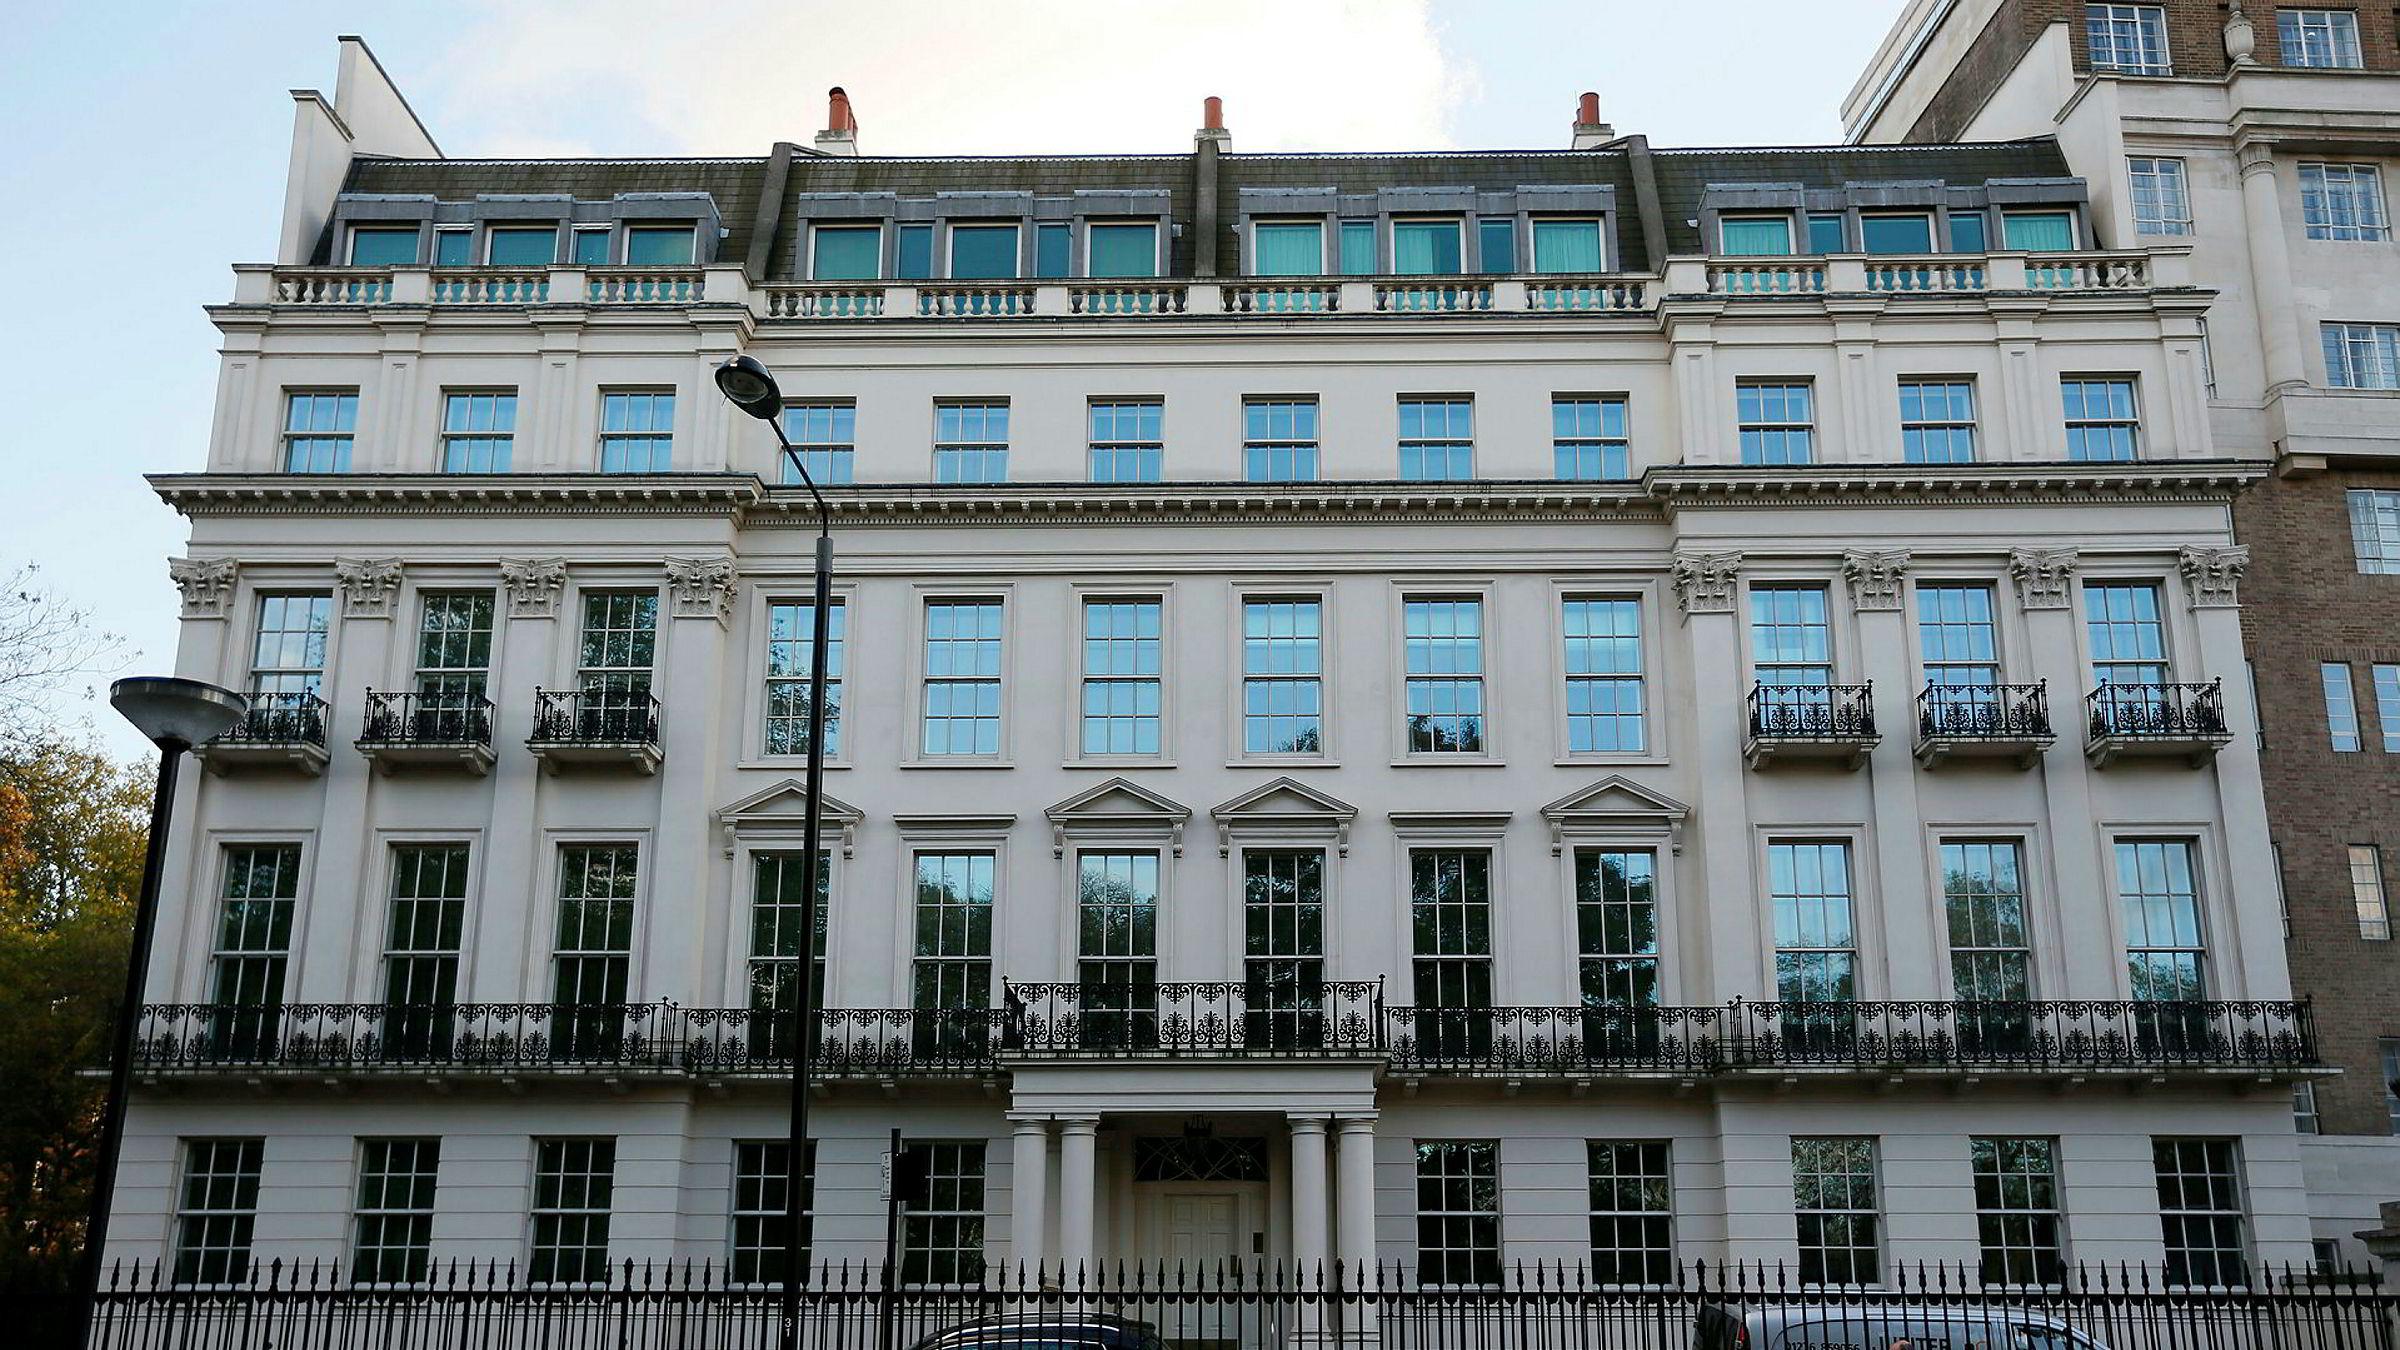 Eiere av luksusboliger i London må nå oppgi hvem som er den reelle eieren. Denne luksusboligen med 45 soverom i Knightsbridge tilhørte Libanons tidligere statsminister Rafik al-Hariri, og den er verdt tre-fire milliarder kroner.